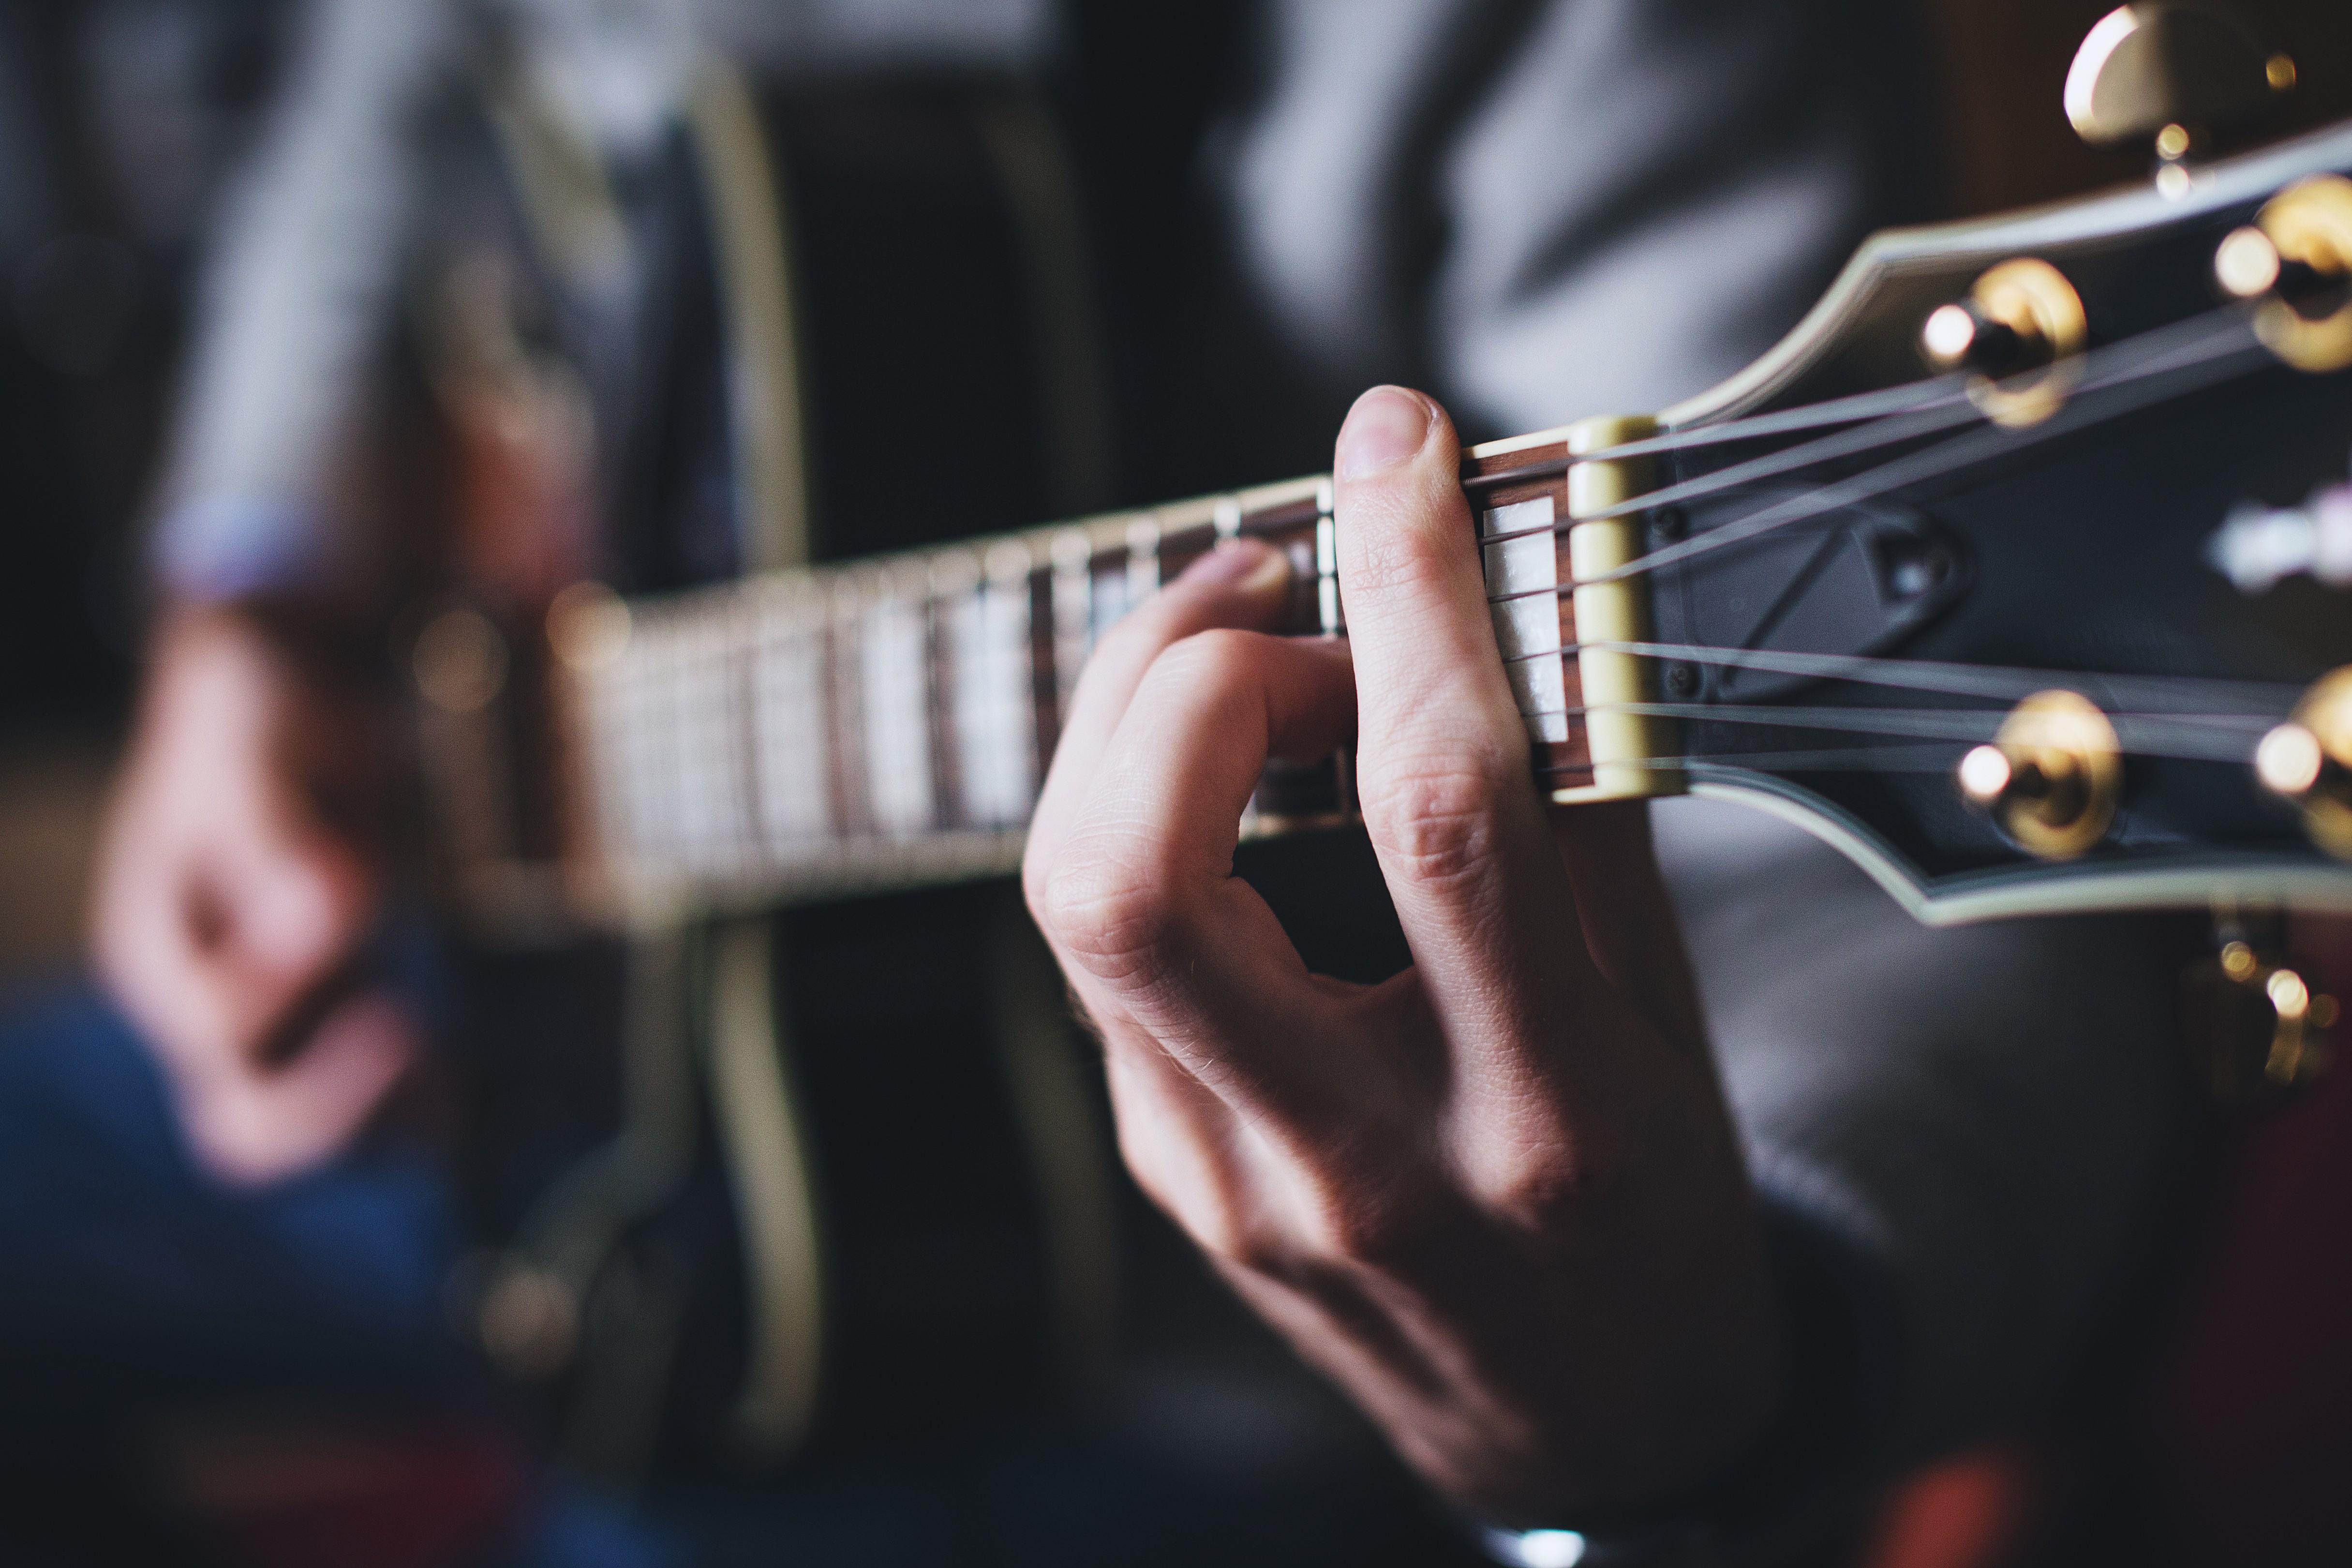 playing guitar - freestocks org